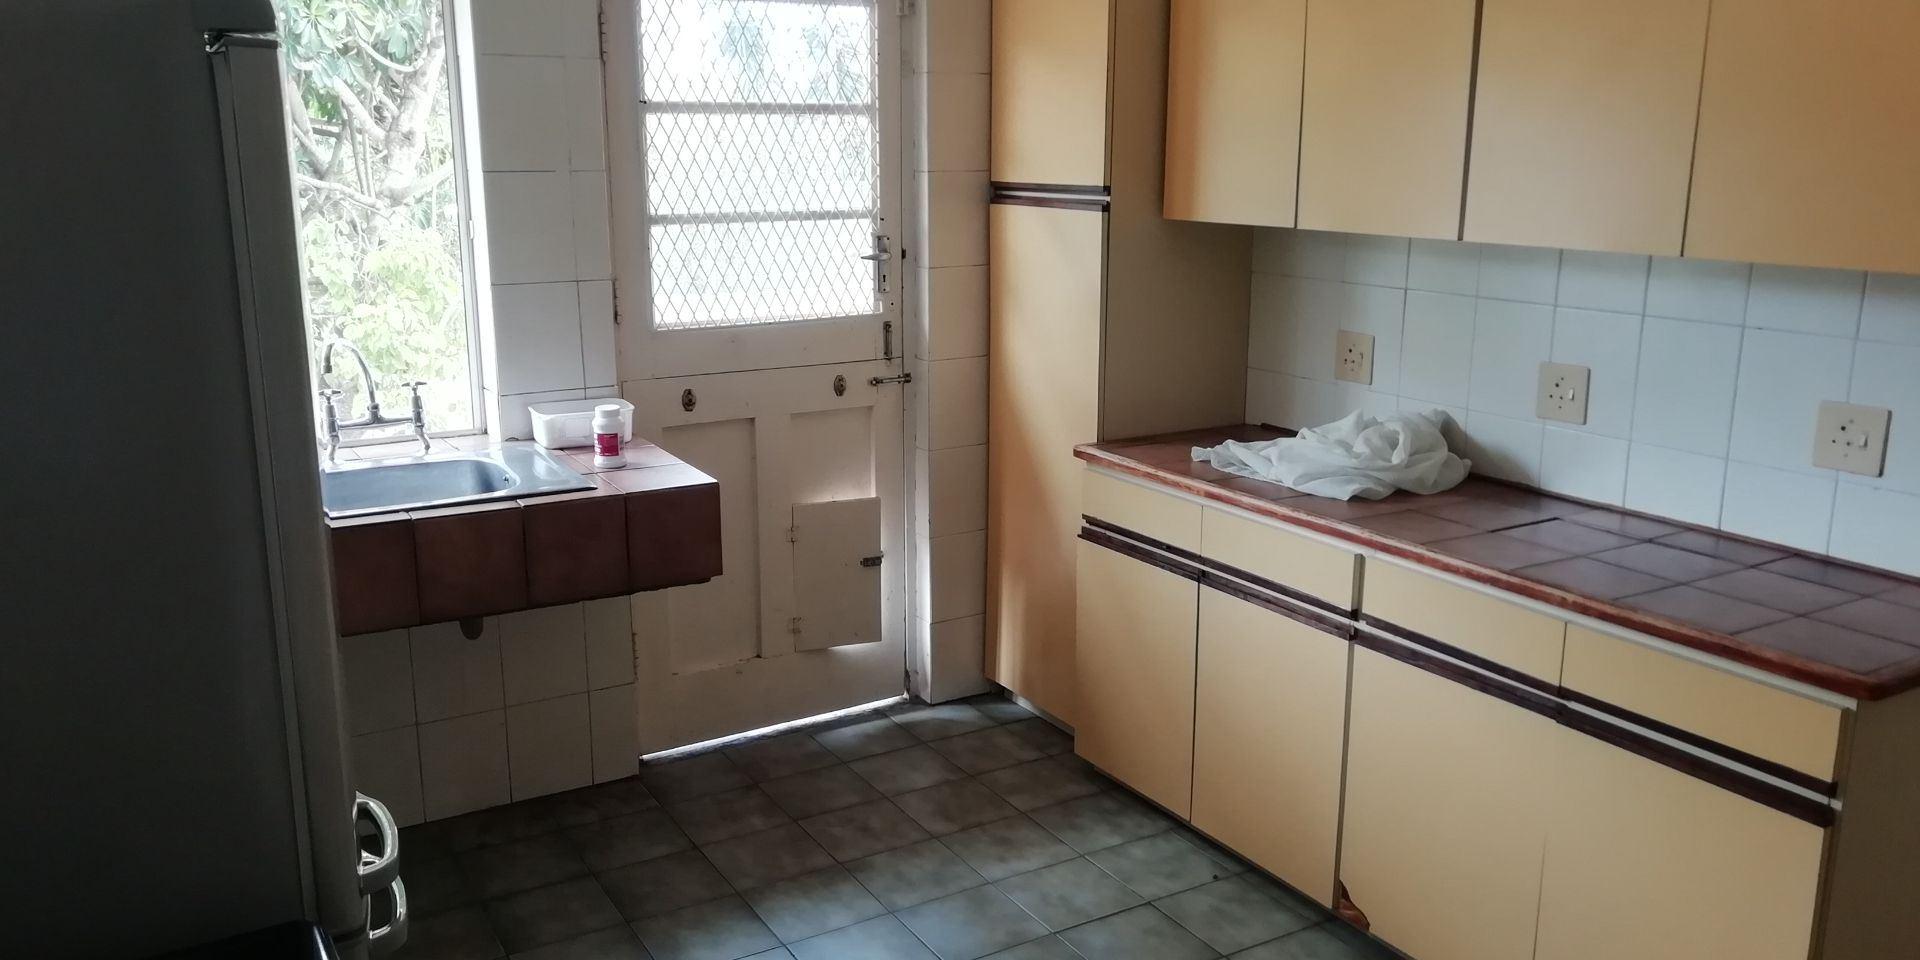 House Rental Monthly in RONDEBOSCH